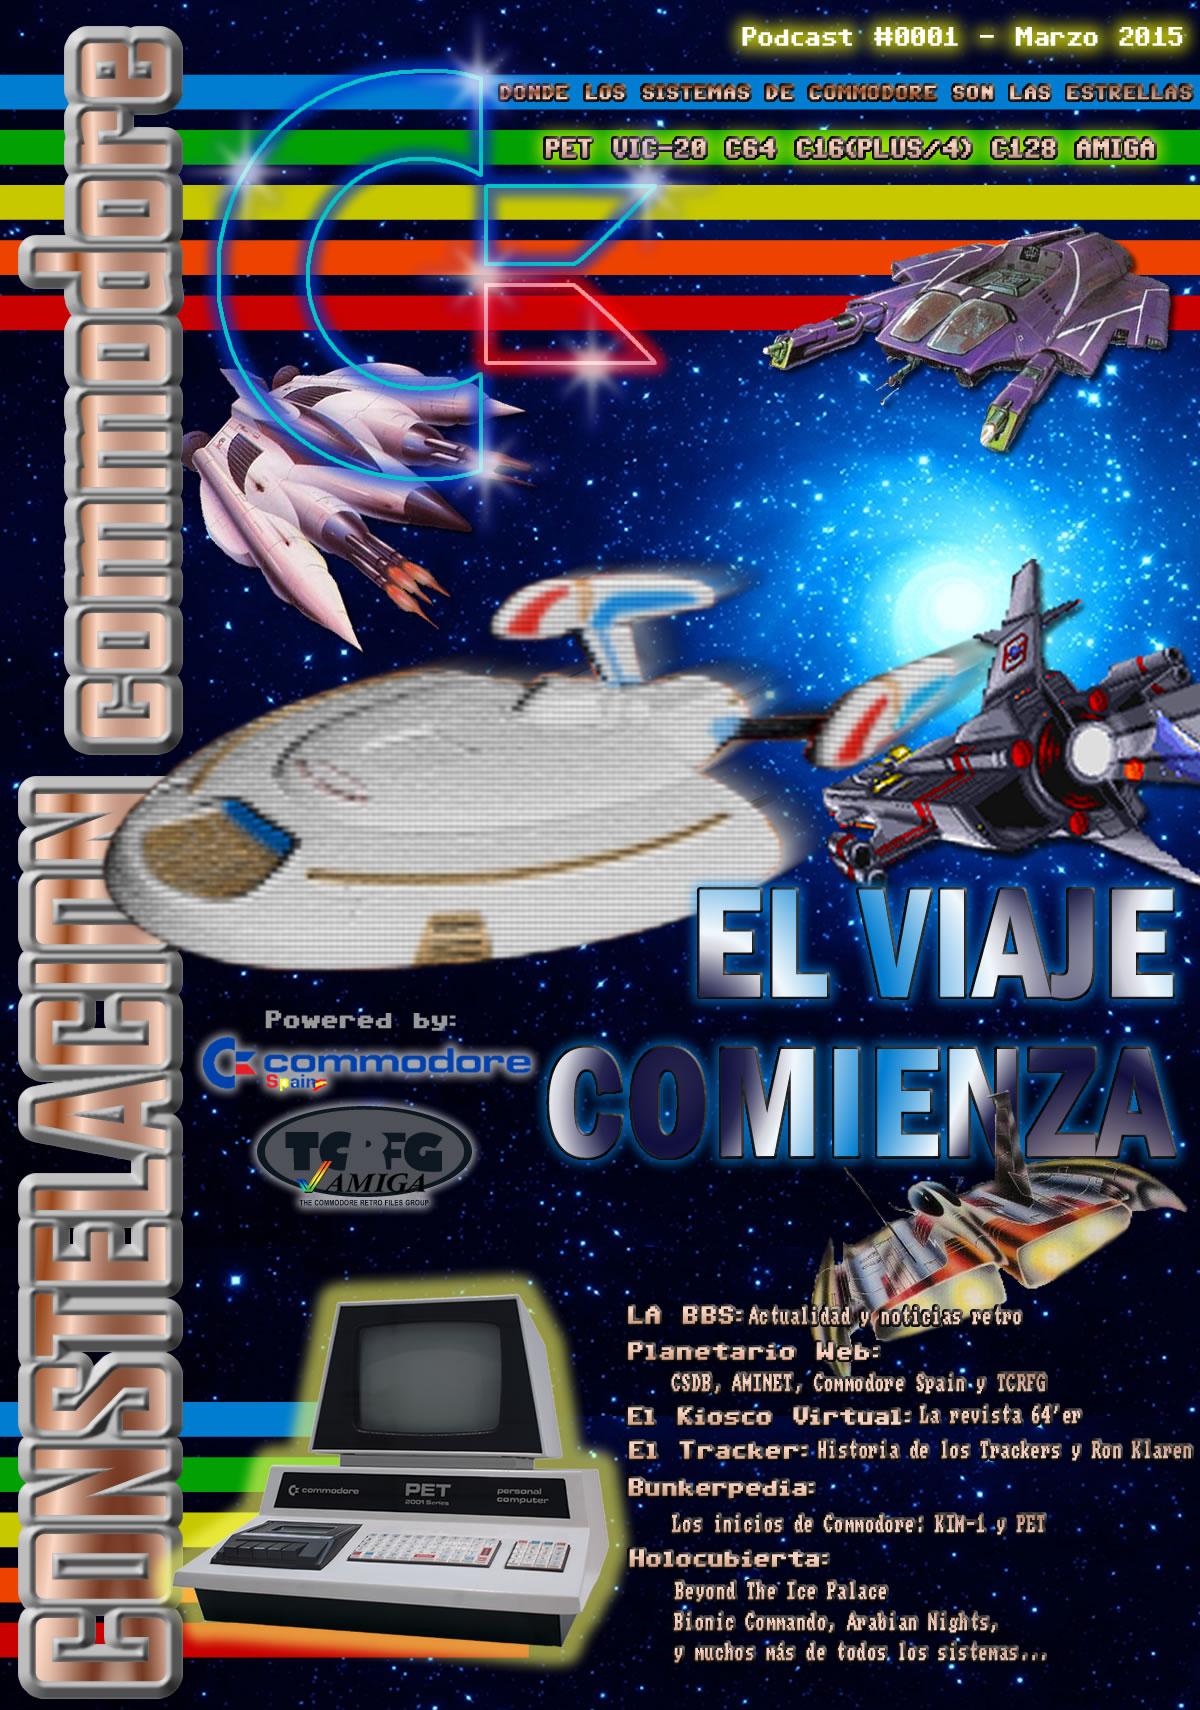 Portada Constelacion Commodore 01